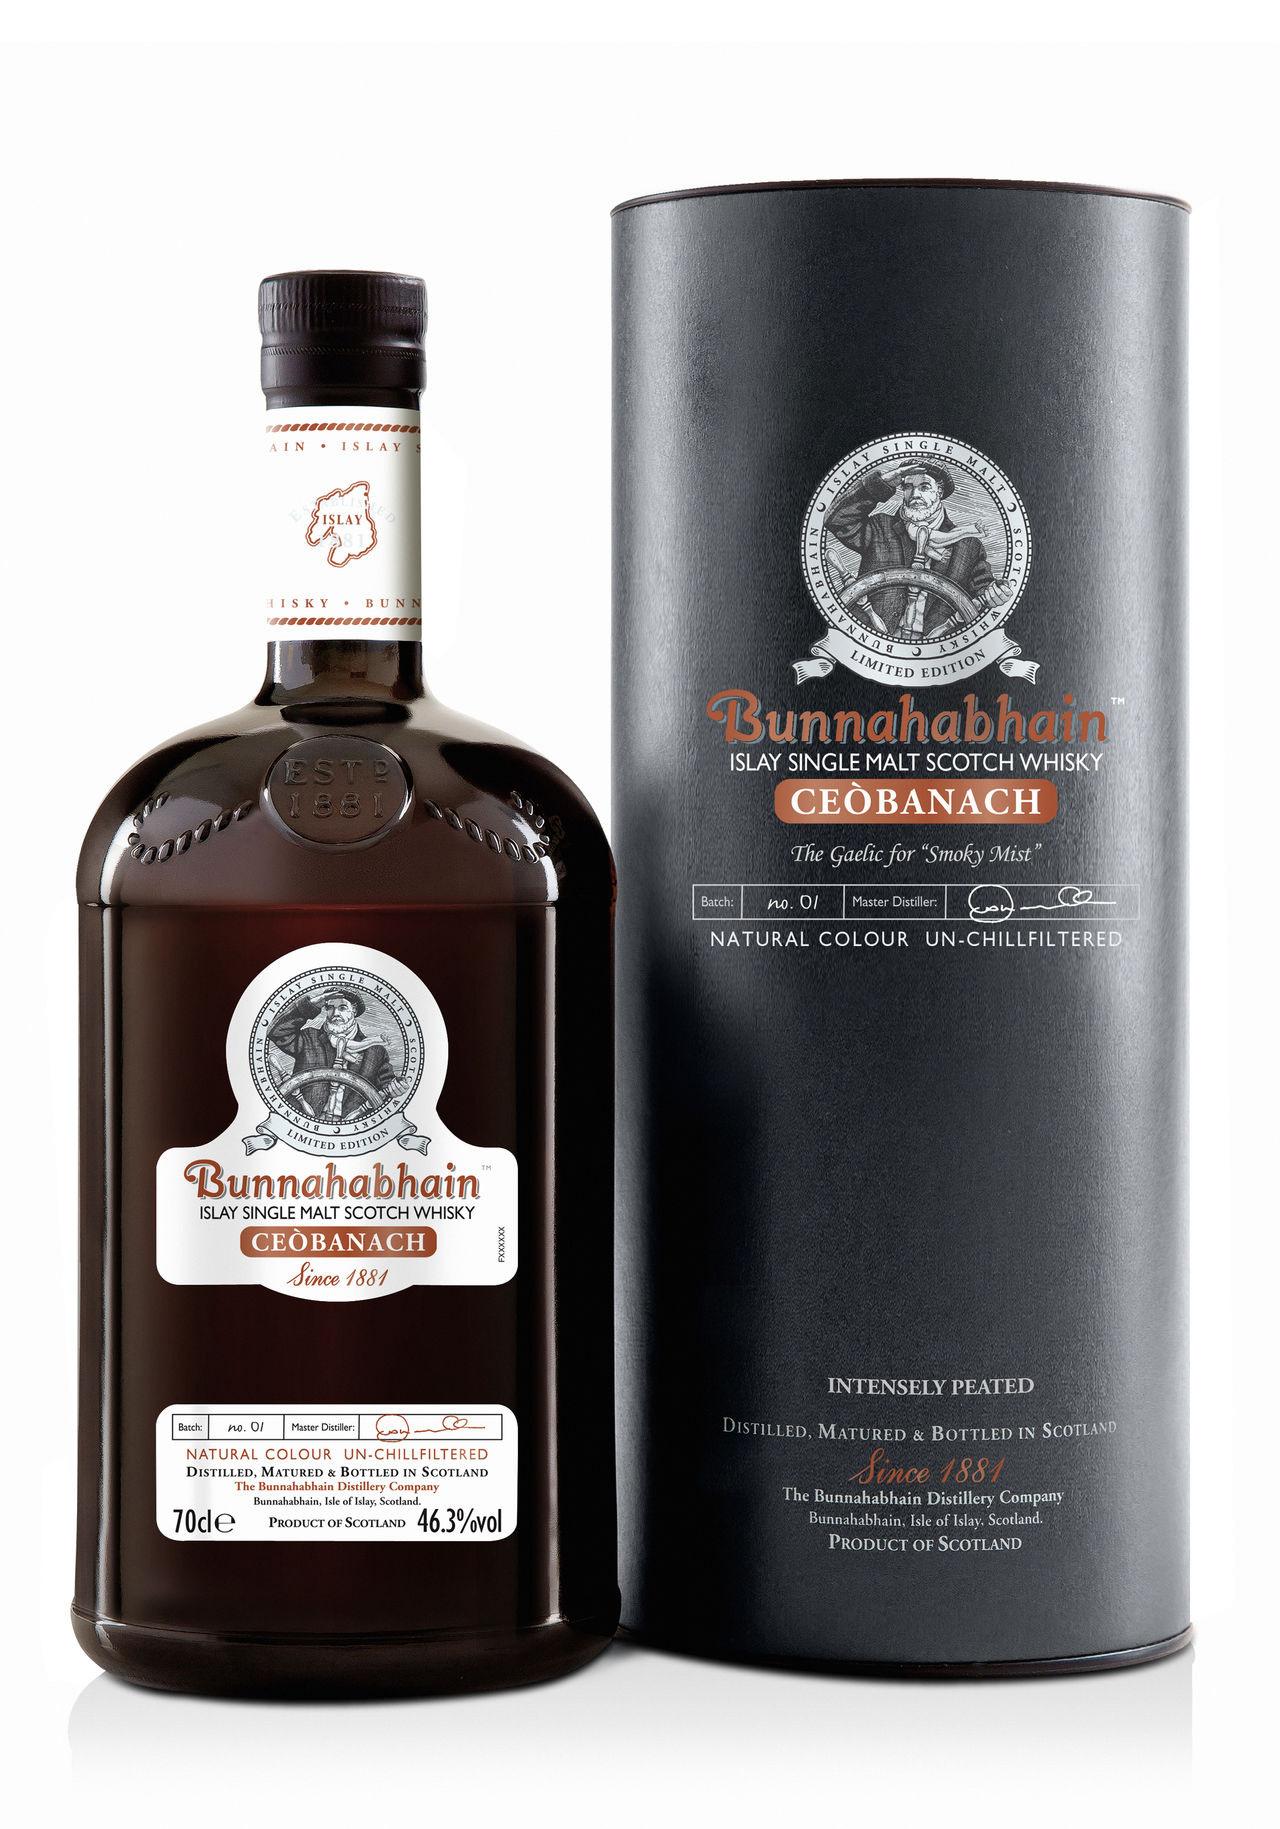 Bunnahabhain Ceobanach Whisky